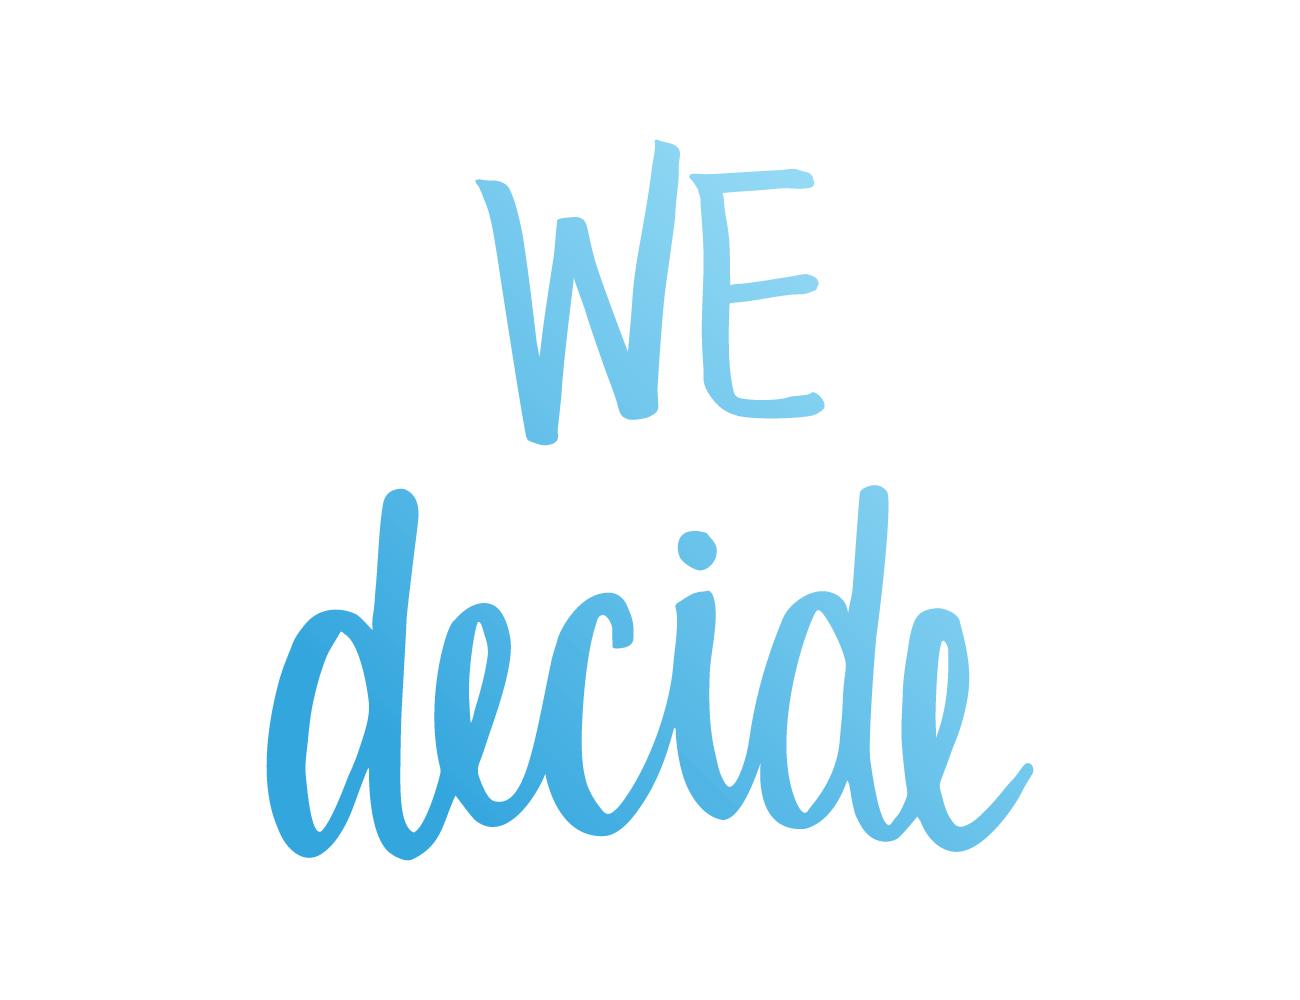 We decide.